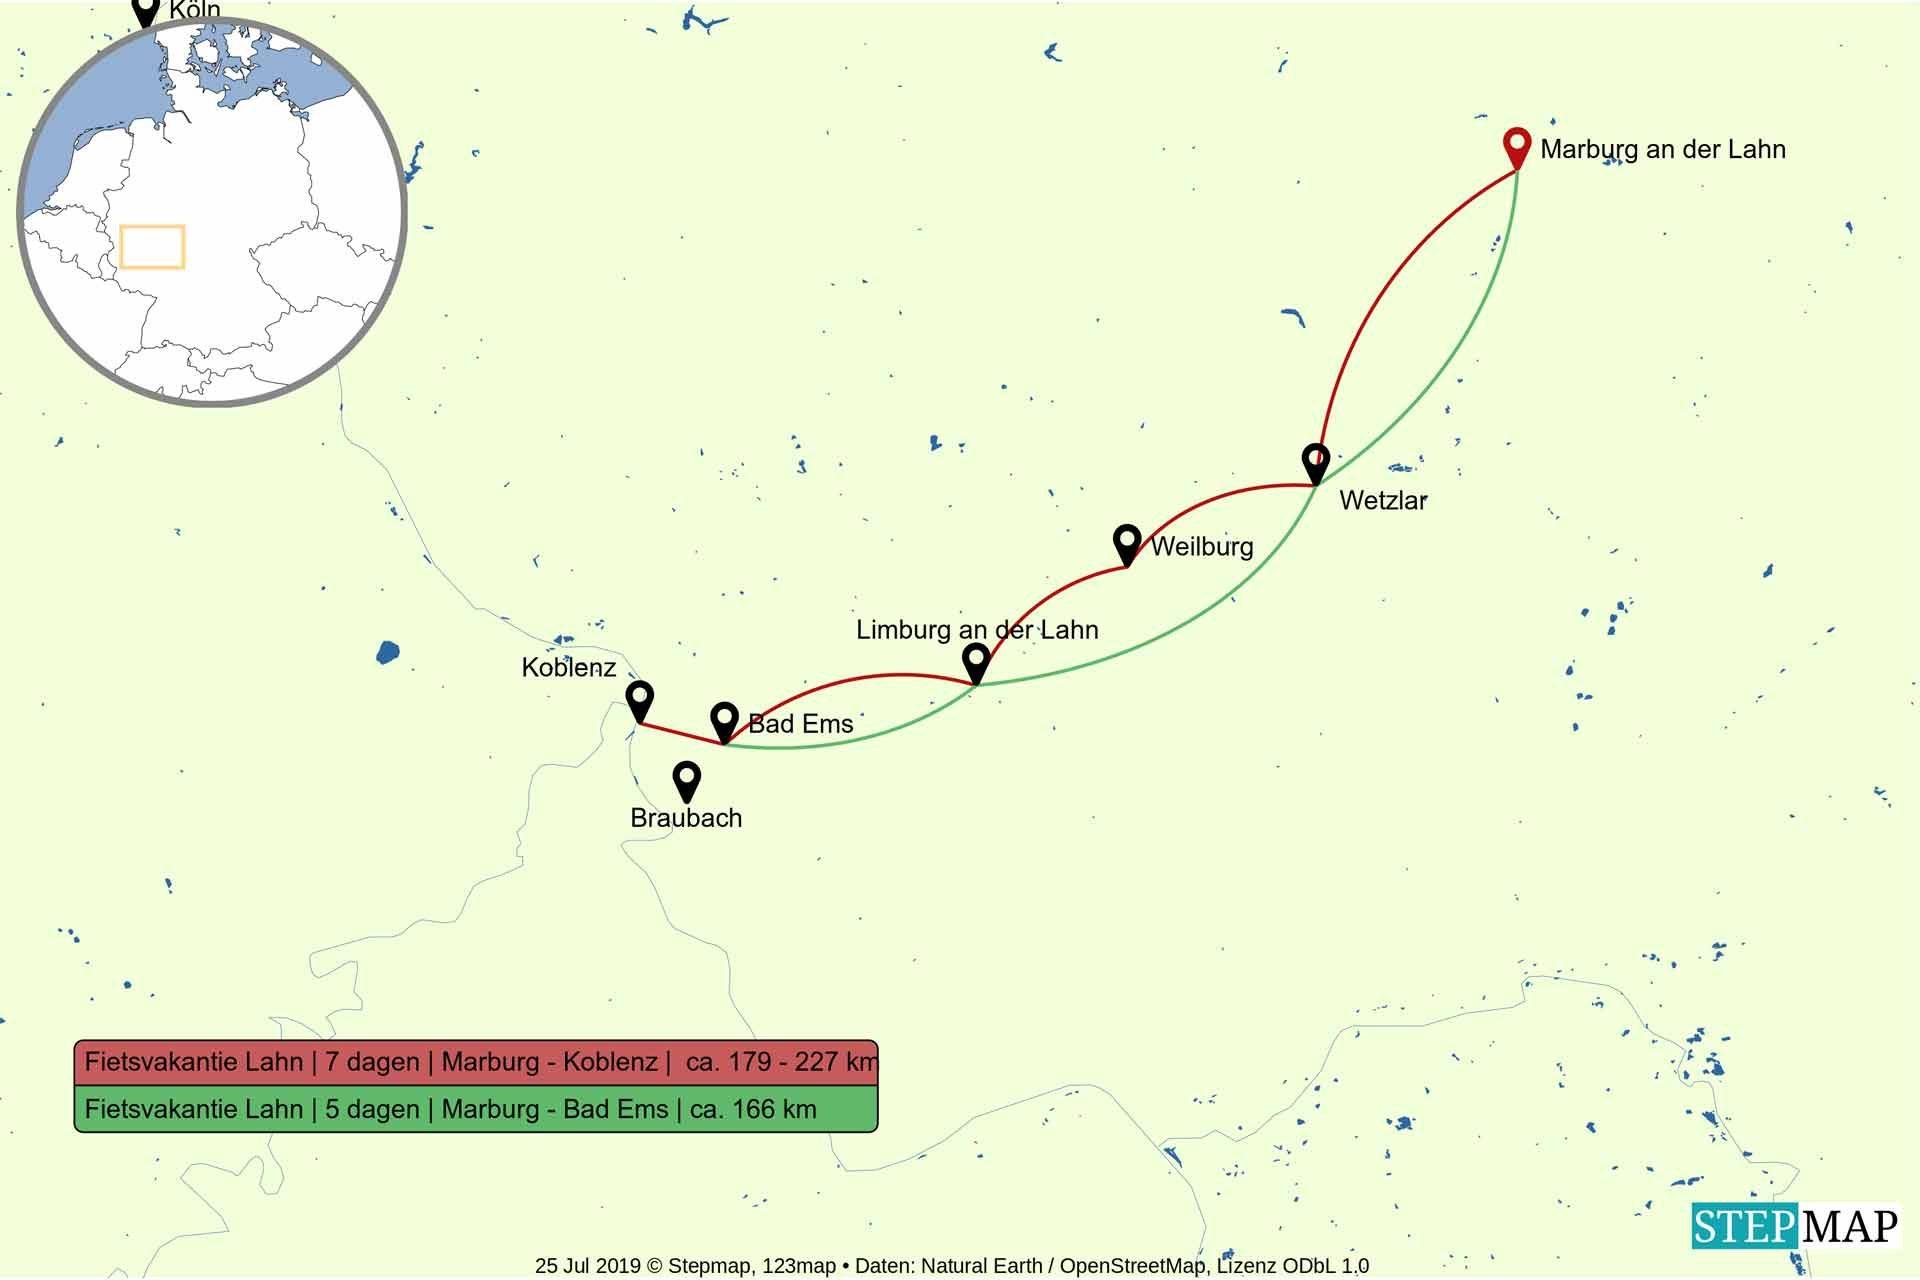 Route fietsvakantie langs de Lahn 5 en 7 dagen